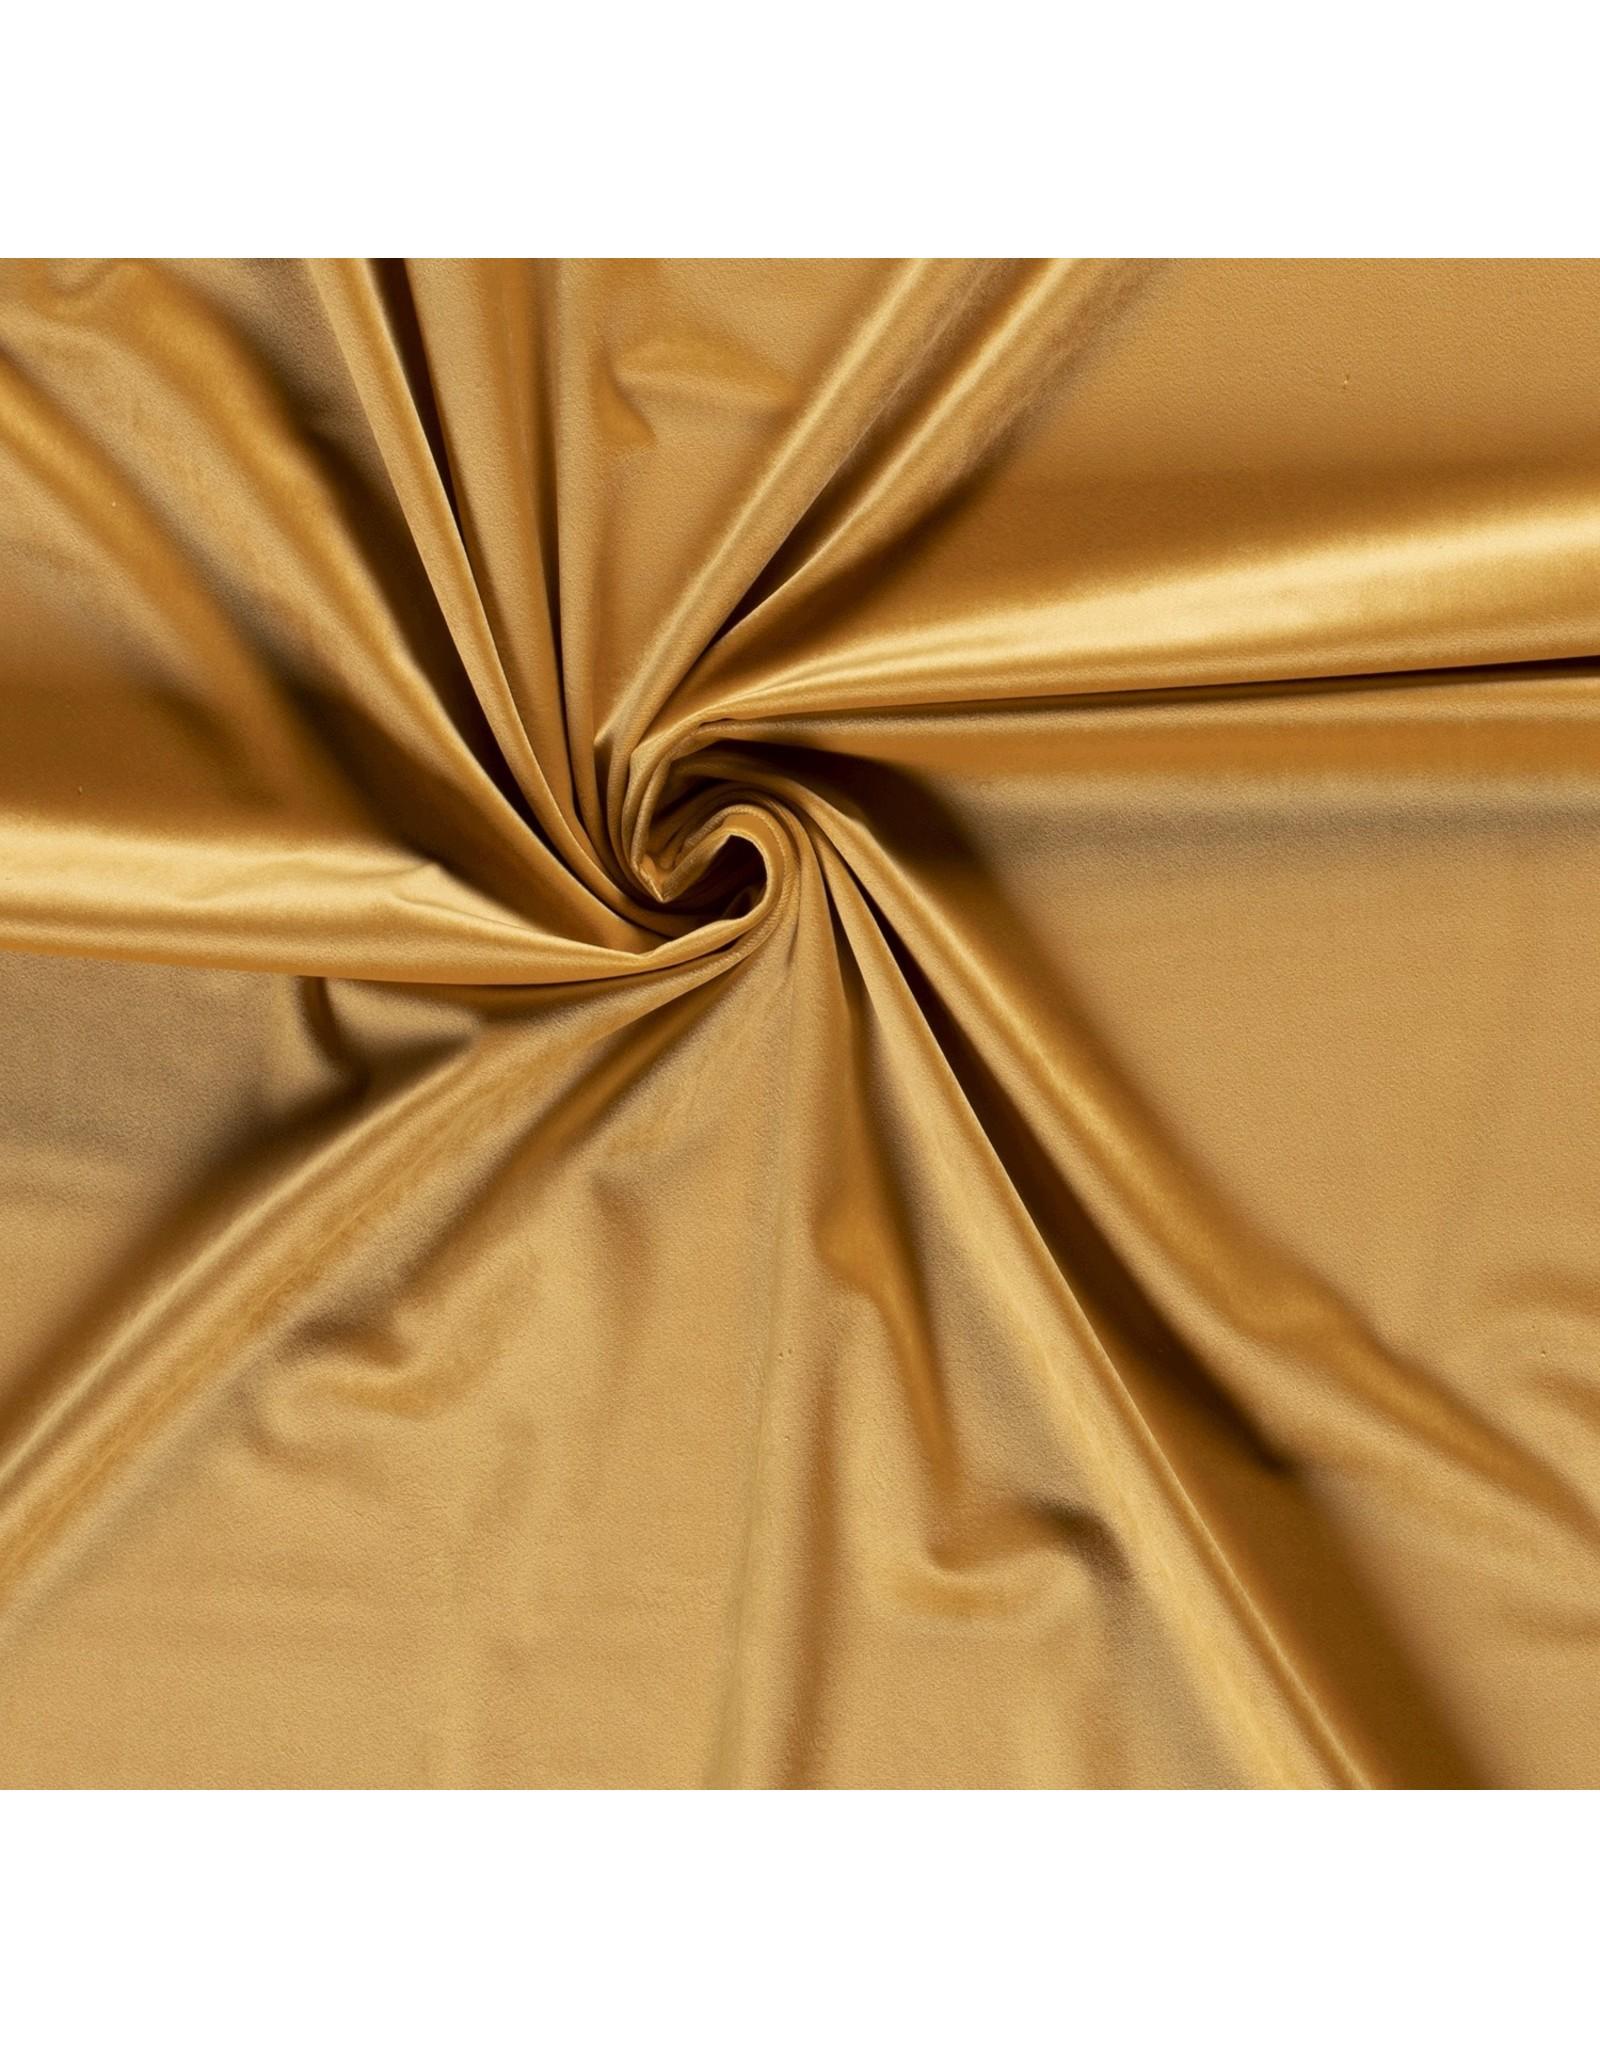 Nobodeco Home Velvet fabric Unicolour Yellow